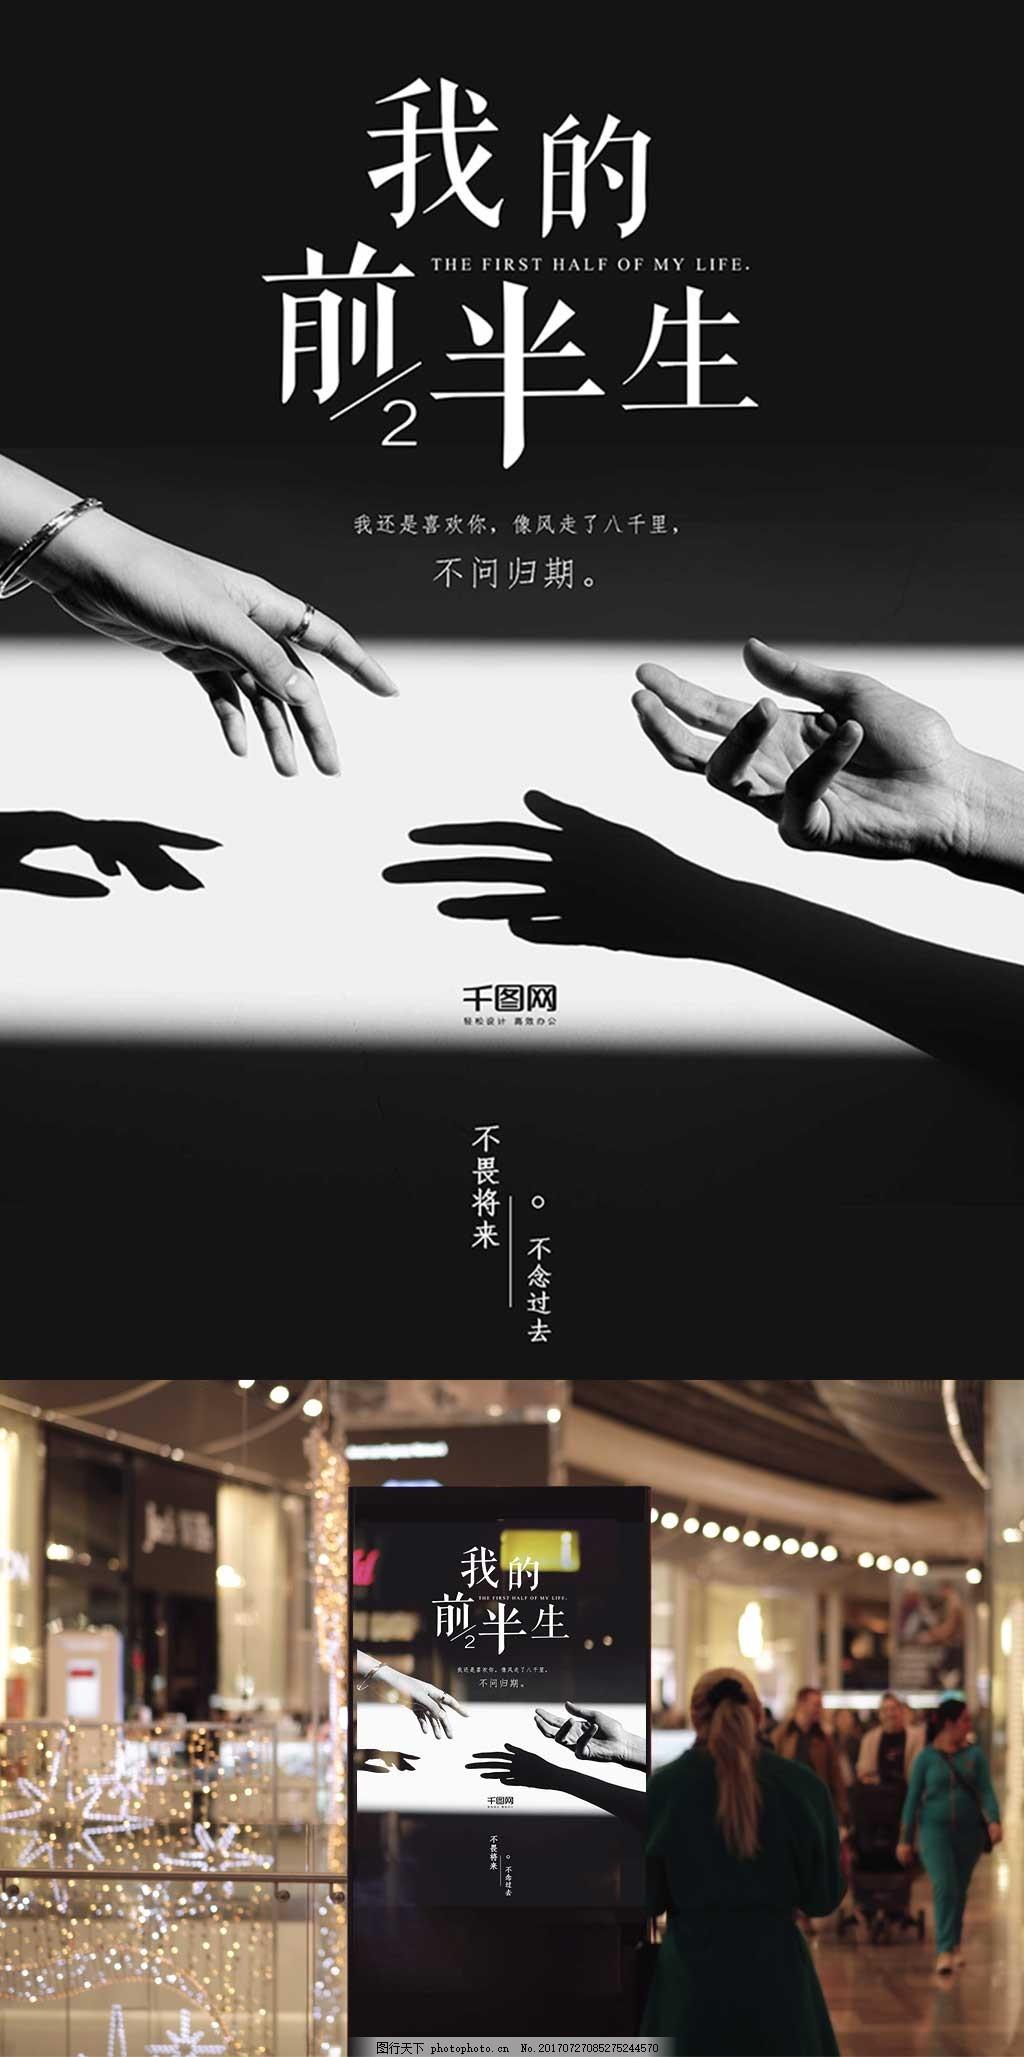 光影牵手黑白我的前半生海报设计微信配图 忧伤 情侣 意境 微博配图